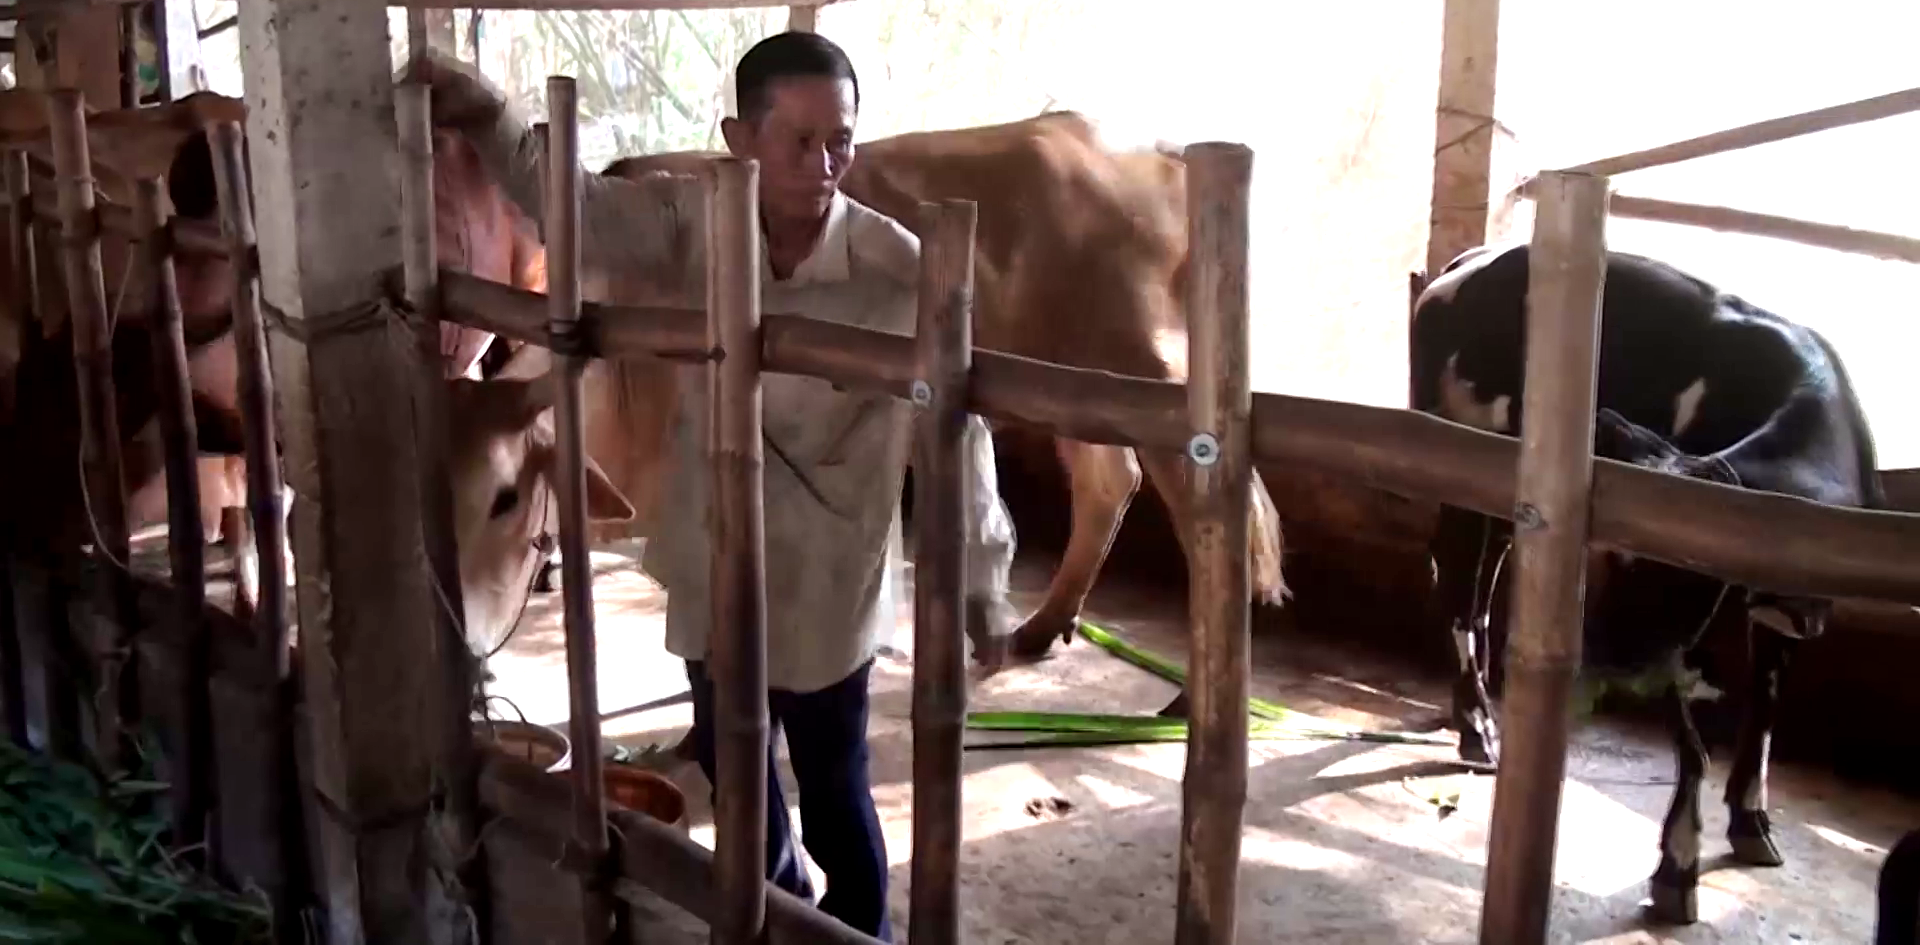 """Tiền Giang: """"Độc chiêu"""" nuôi bò, ông nông dân từ nghèo khó trở thành giàu có, được Thủ tướng khen - Ảnh 4."""